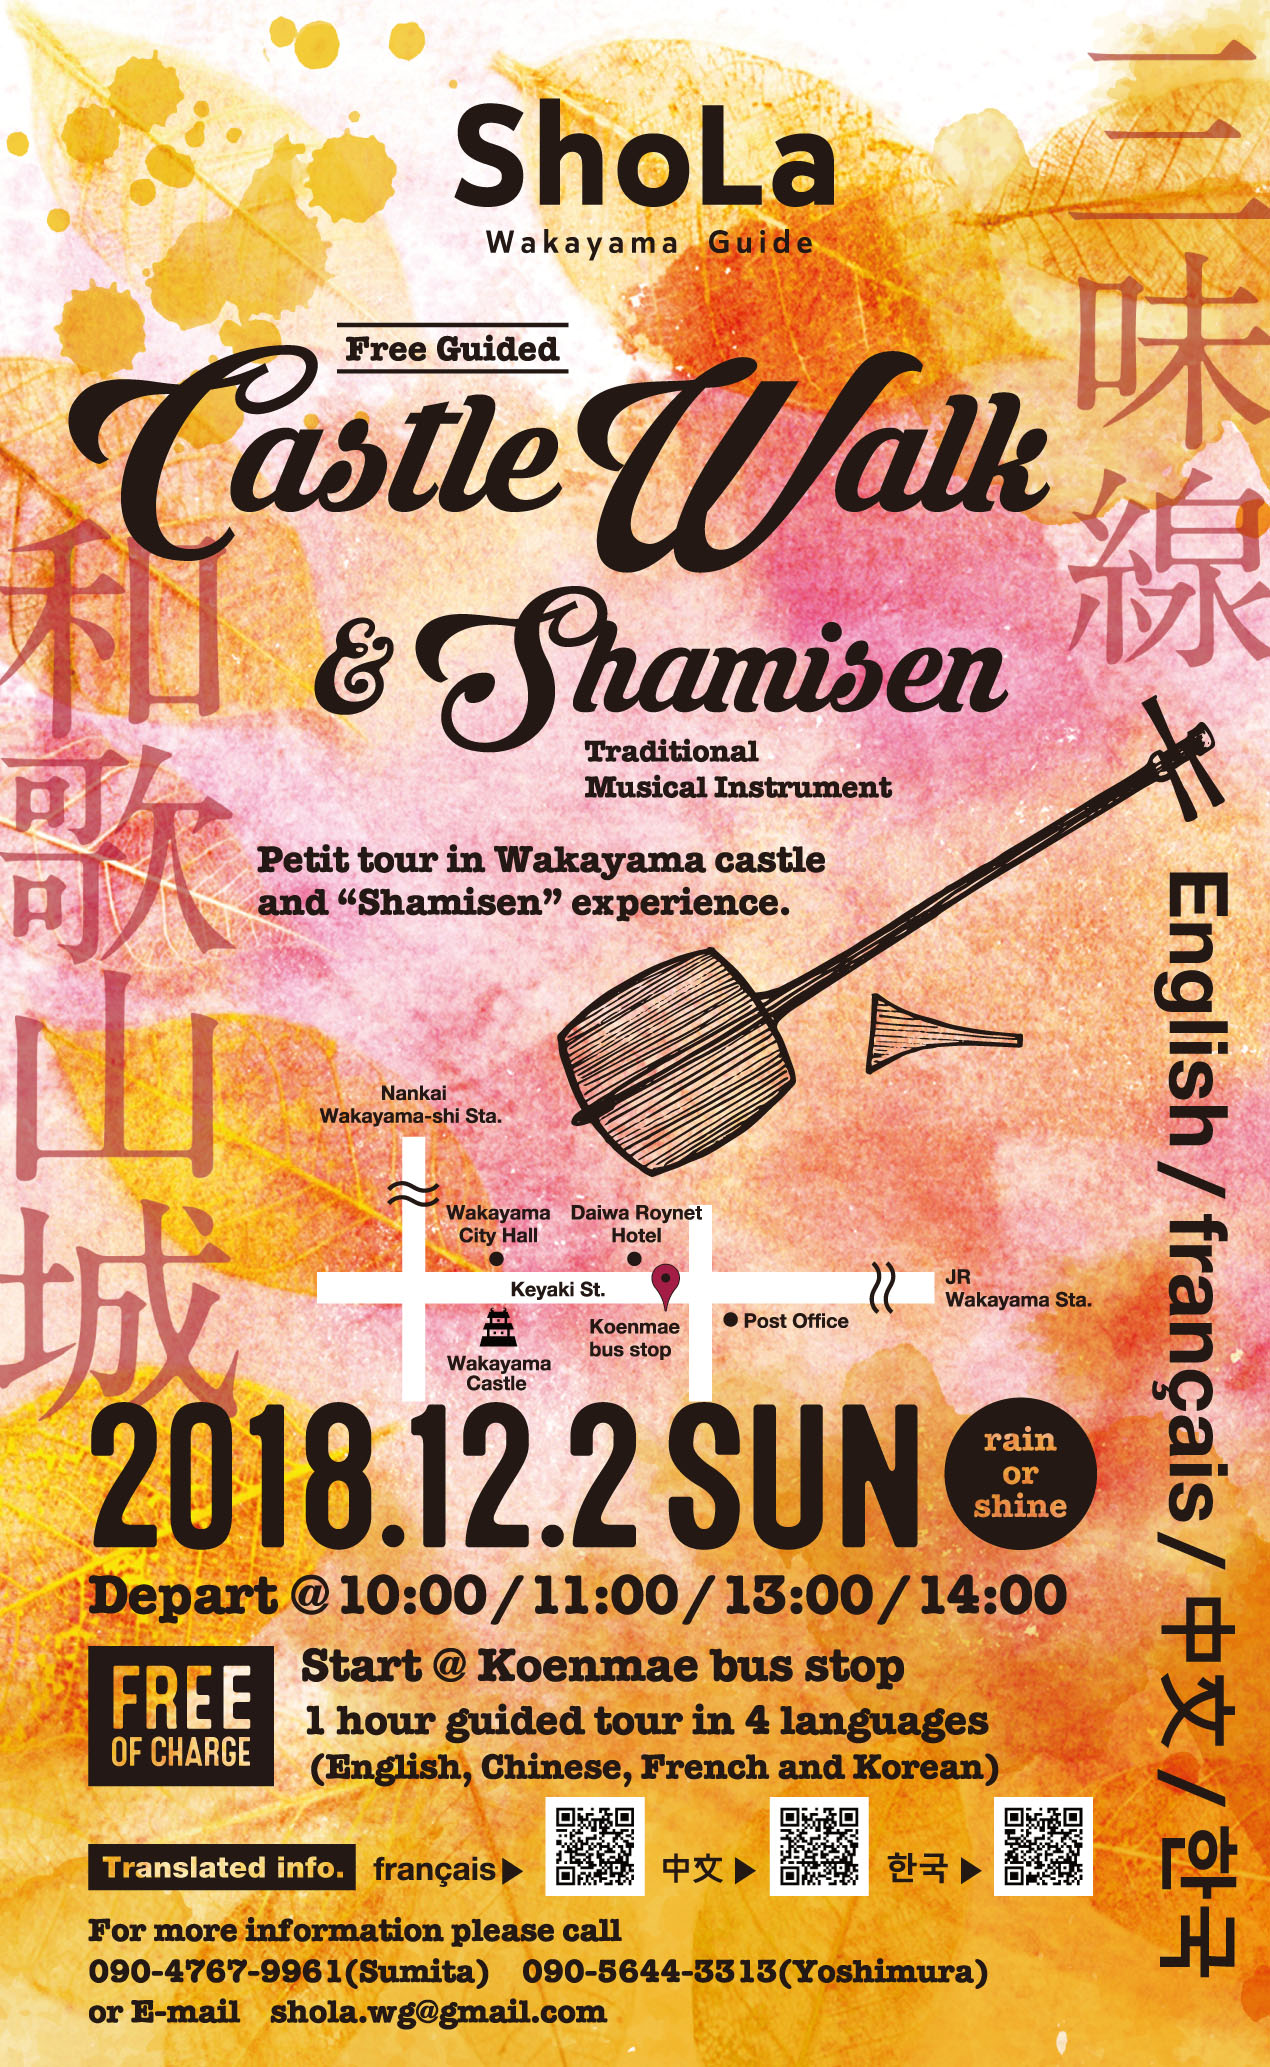 【終了しました】Free Guided Castle Walk & Shamisen by ShoLa